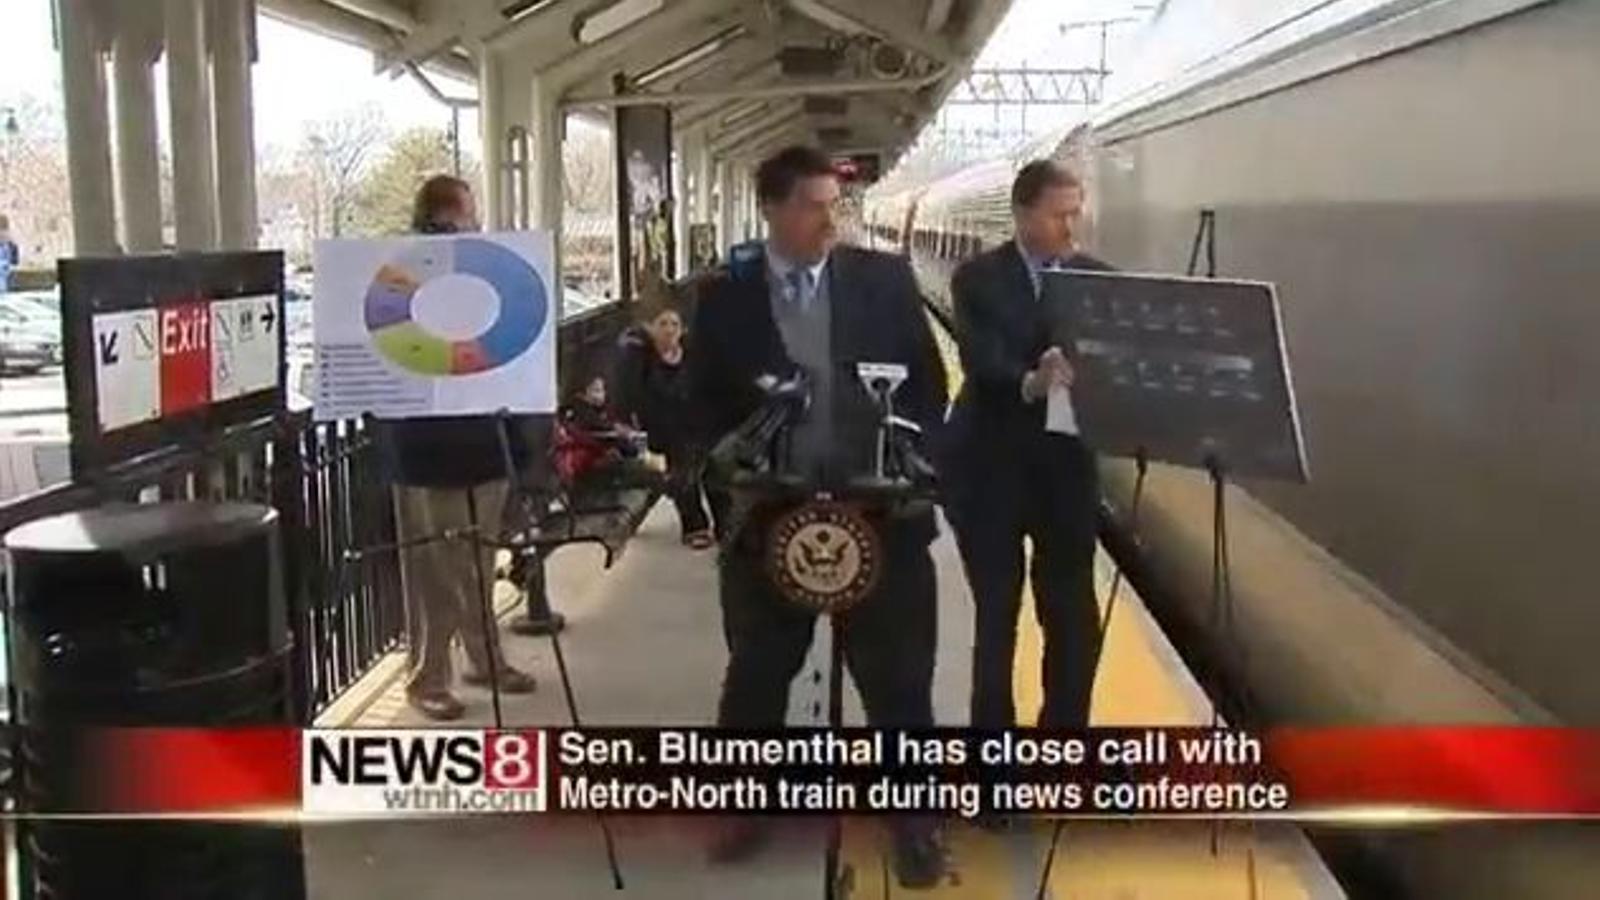 Un senador americà, a punt de ser atropellat per un tren… durant una roda de premsa sobre  seguretat ferroviària